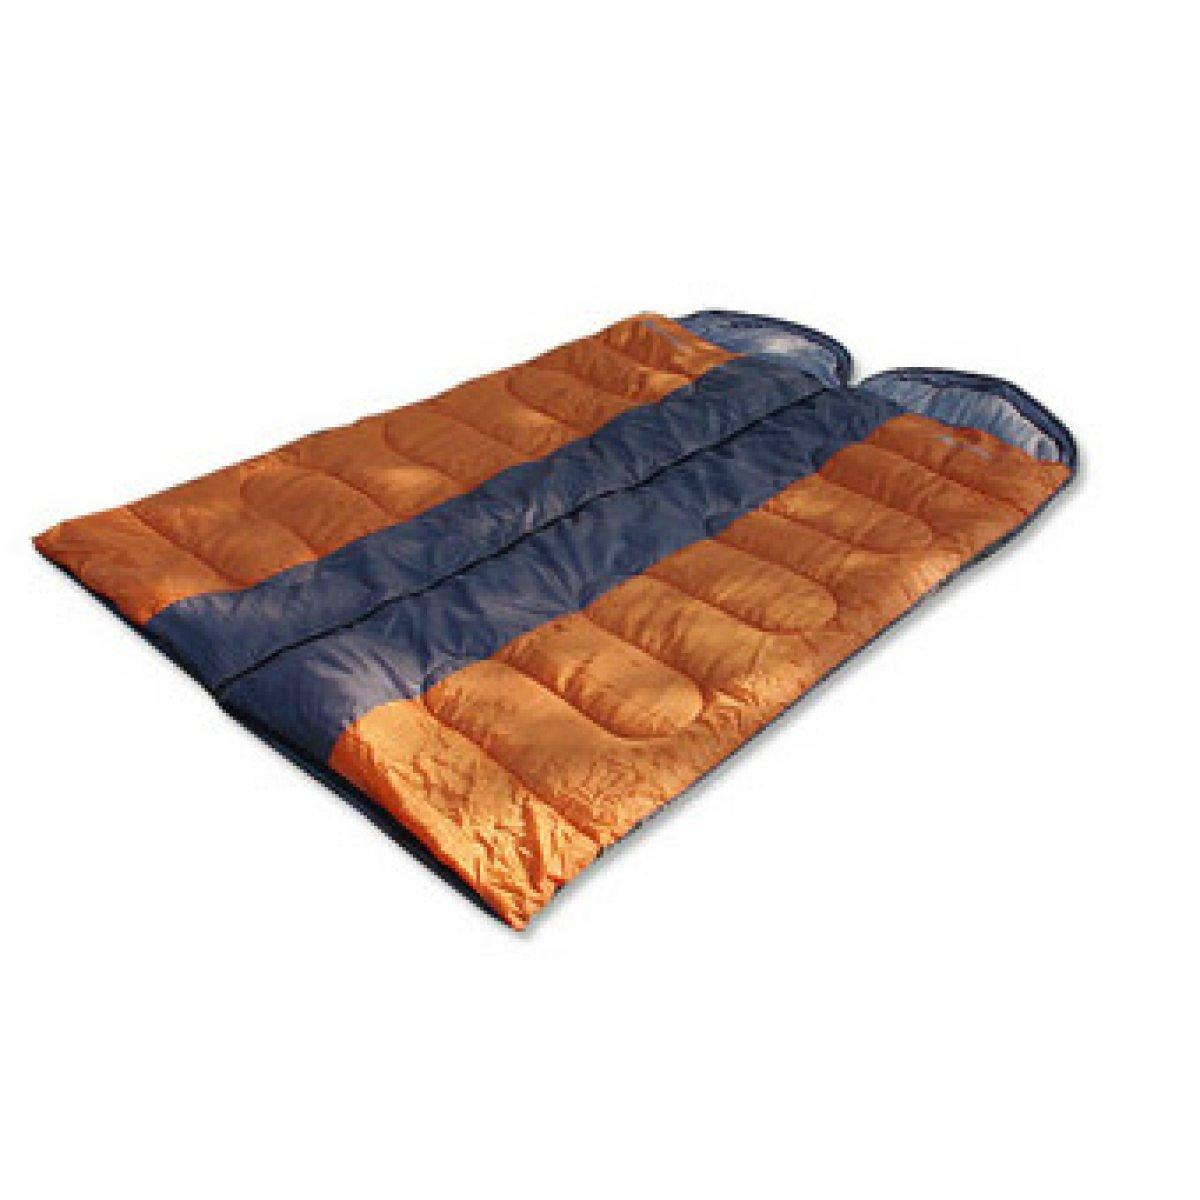 Xin.S Cómodo Ligero Portátil Fácil De Comprimir Sobres Se Pueden Dormir. Empalmar Doble Sacos De Dormir. Pueden Acampar Al Aire Libre Viaje Saco De Dormir Multifuncional,Naranja-(190+30)75cm 39d020